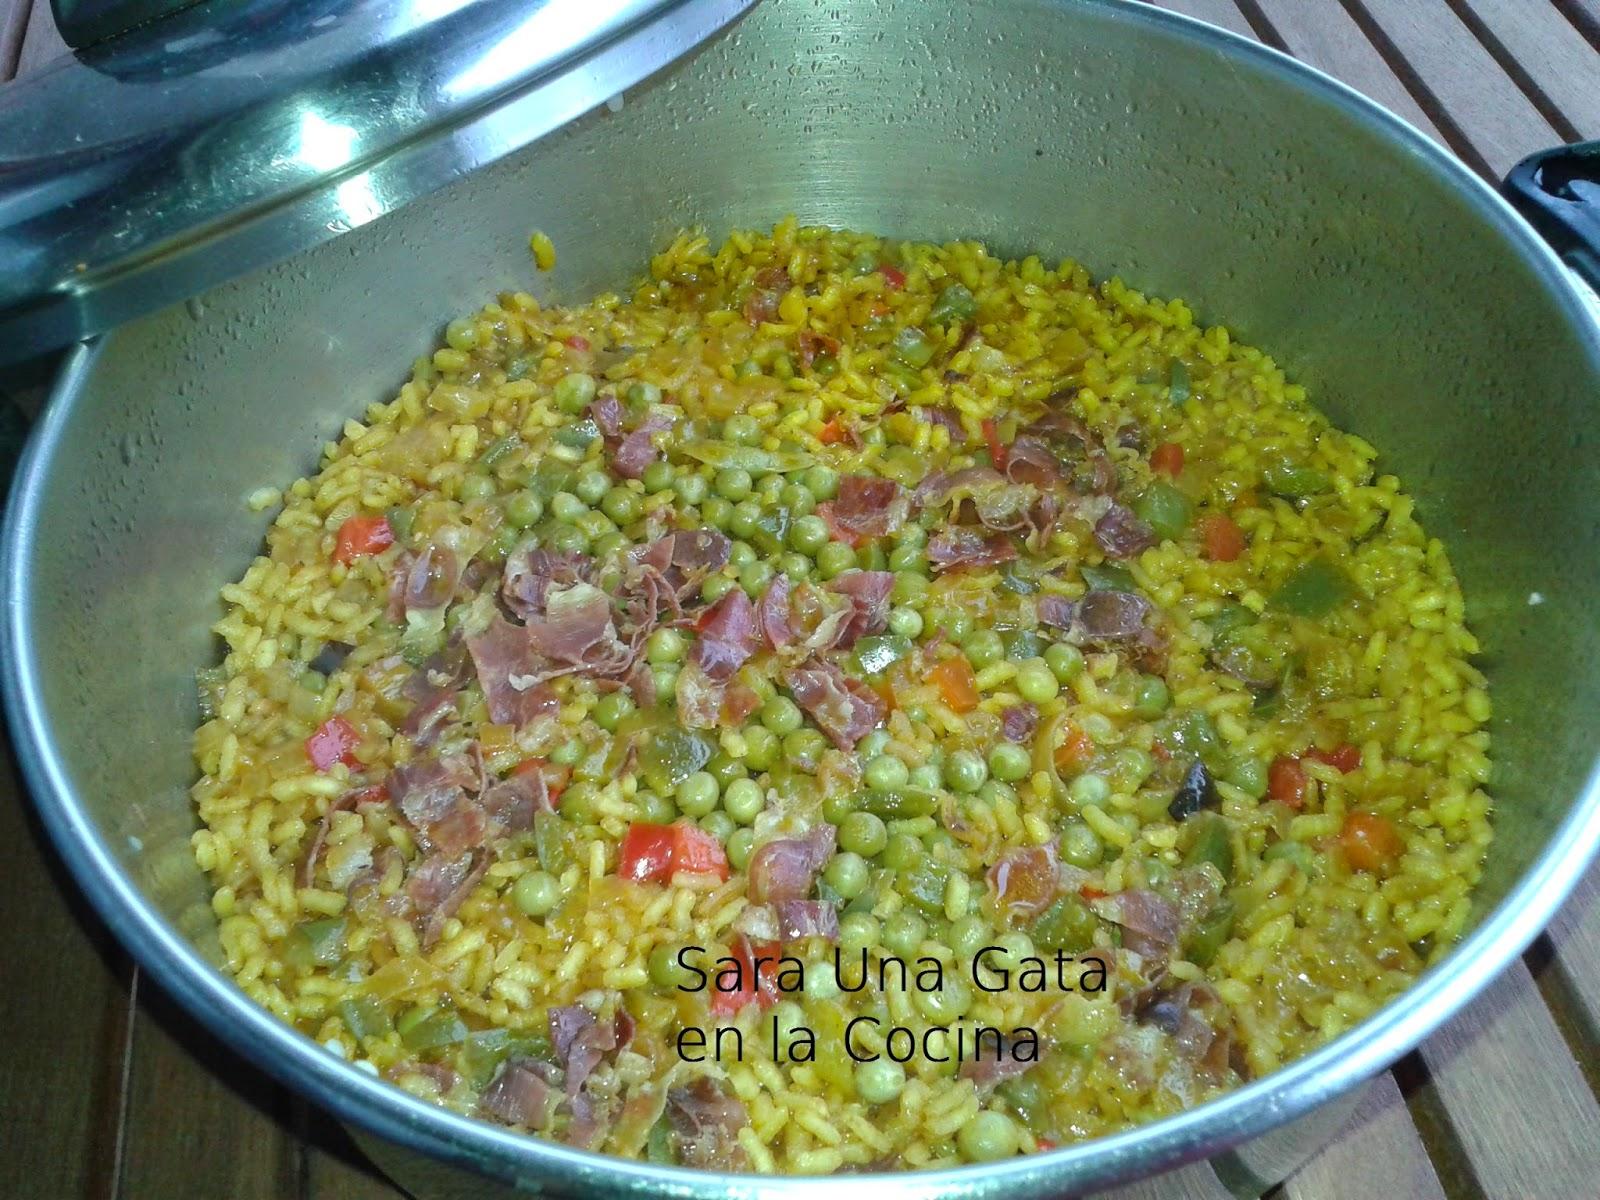 Una gata en la cocina paella de jam n - Cocina con sara paella ...